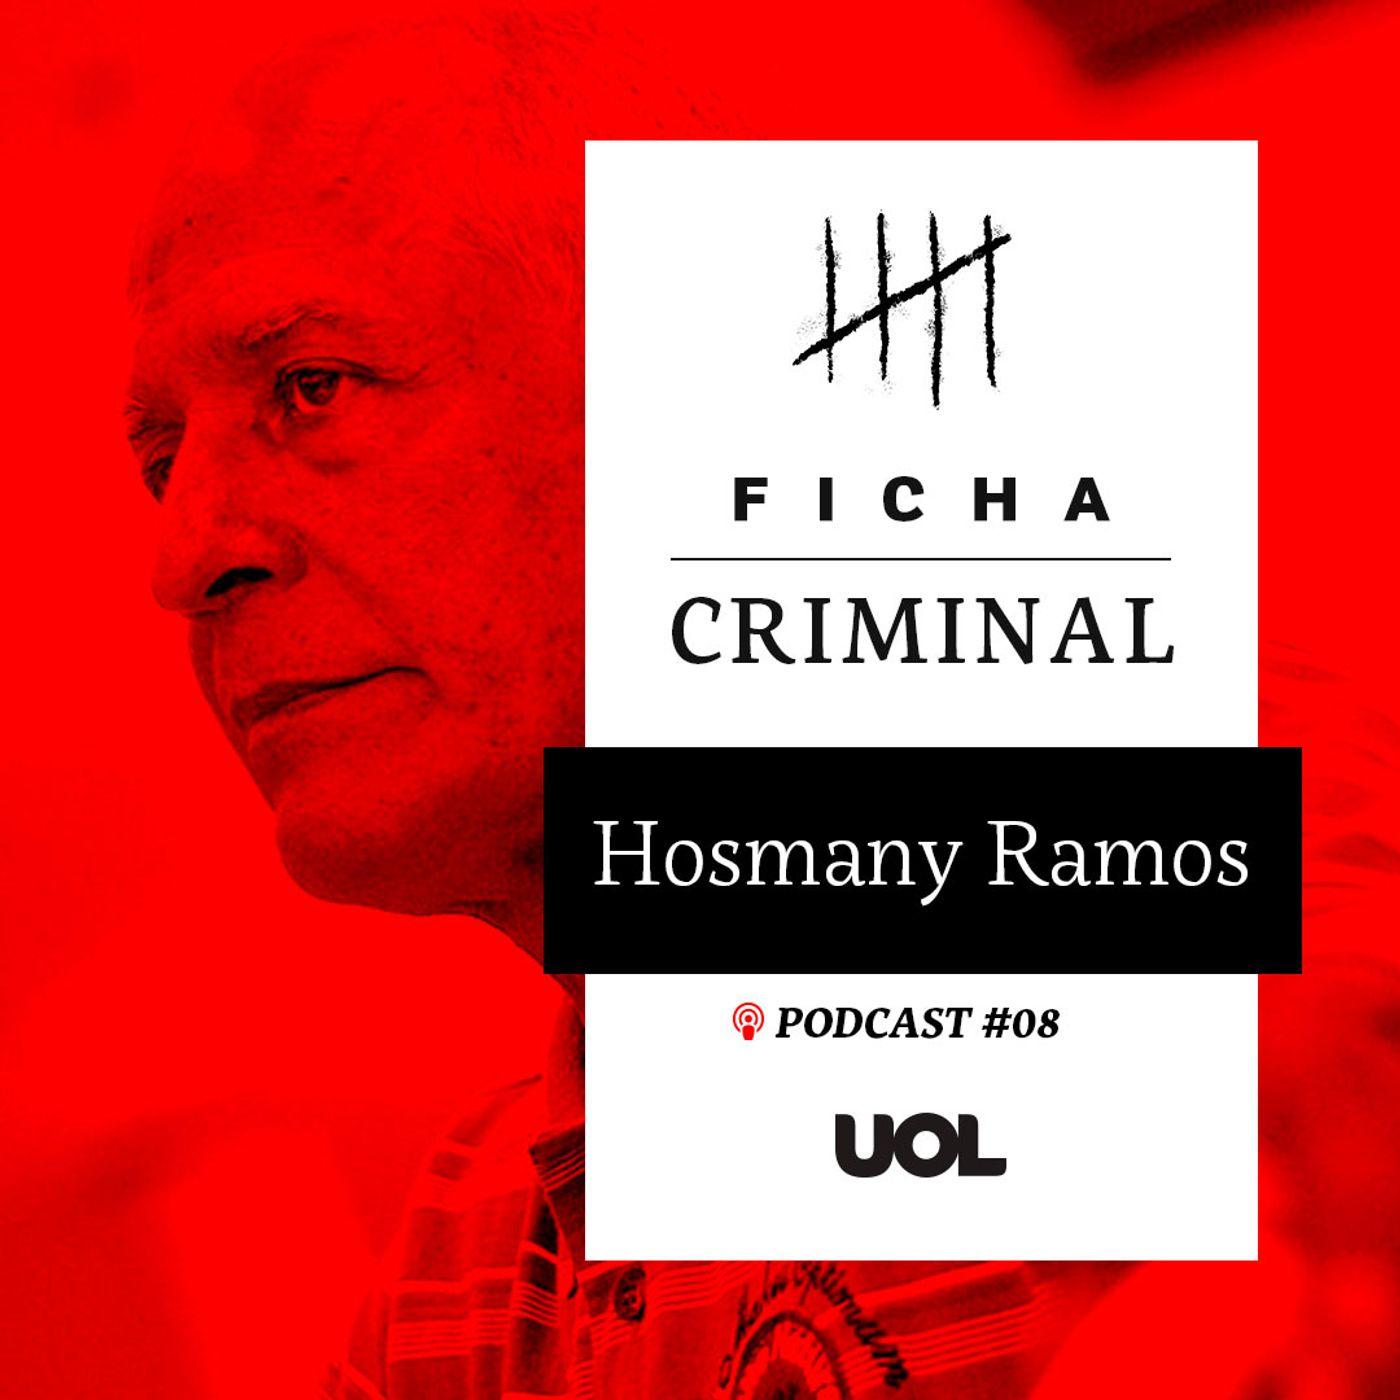 #8 Cirurgião famoso, Hosmany Ramos viveu trama de crimes, fugas e prisões